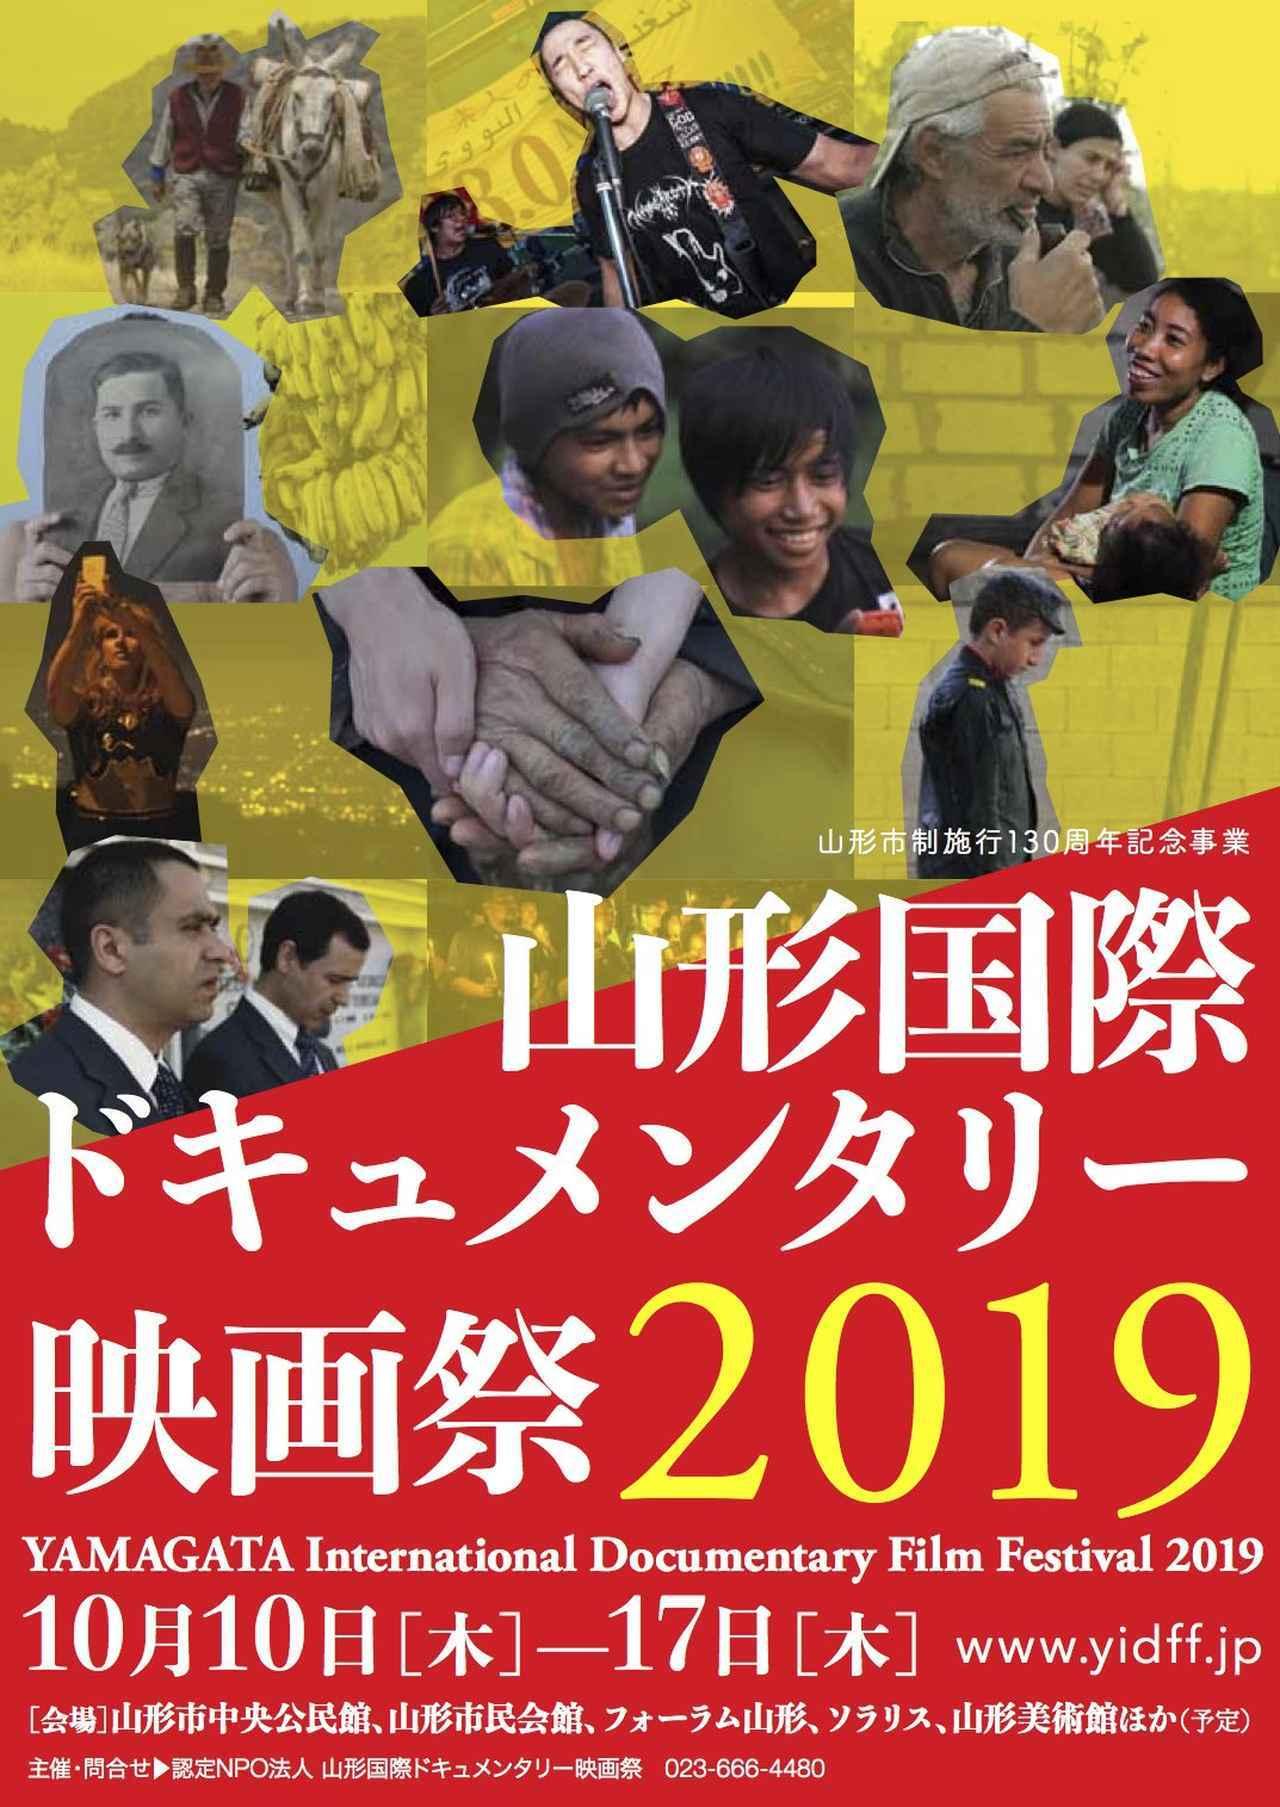 画像: 世界が注目!「山形国際ドキュメンタリー映画祭2019」123の国と地域から応募された1,428本から選ばれたコンペティション15作品を発表!